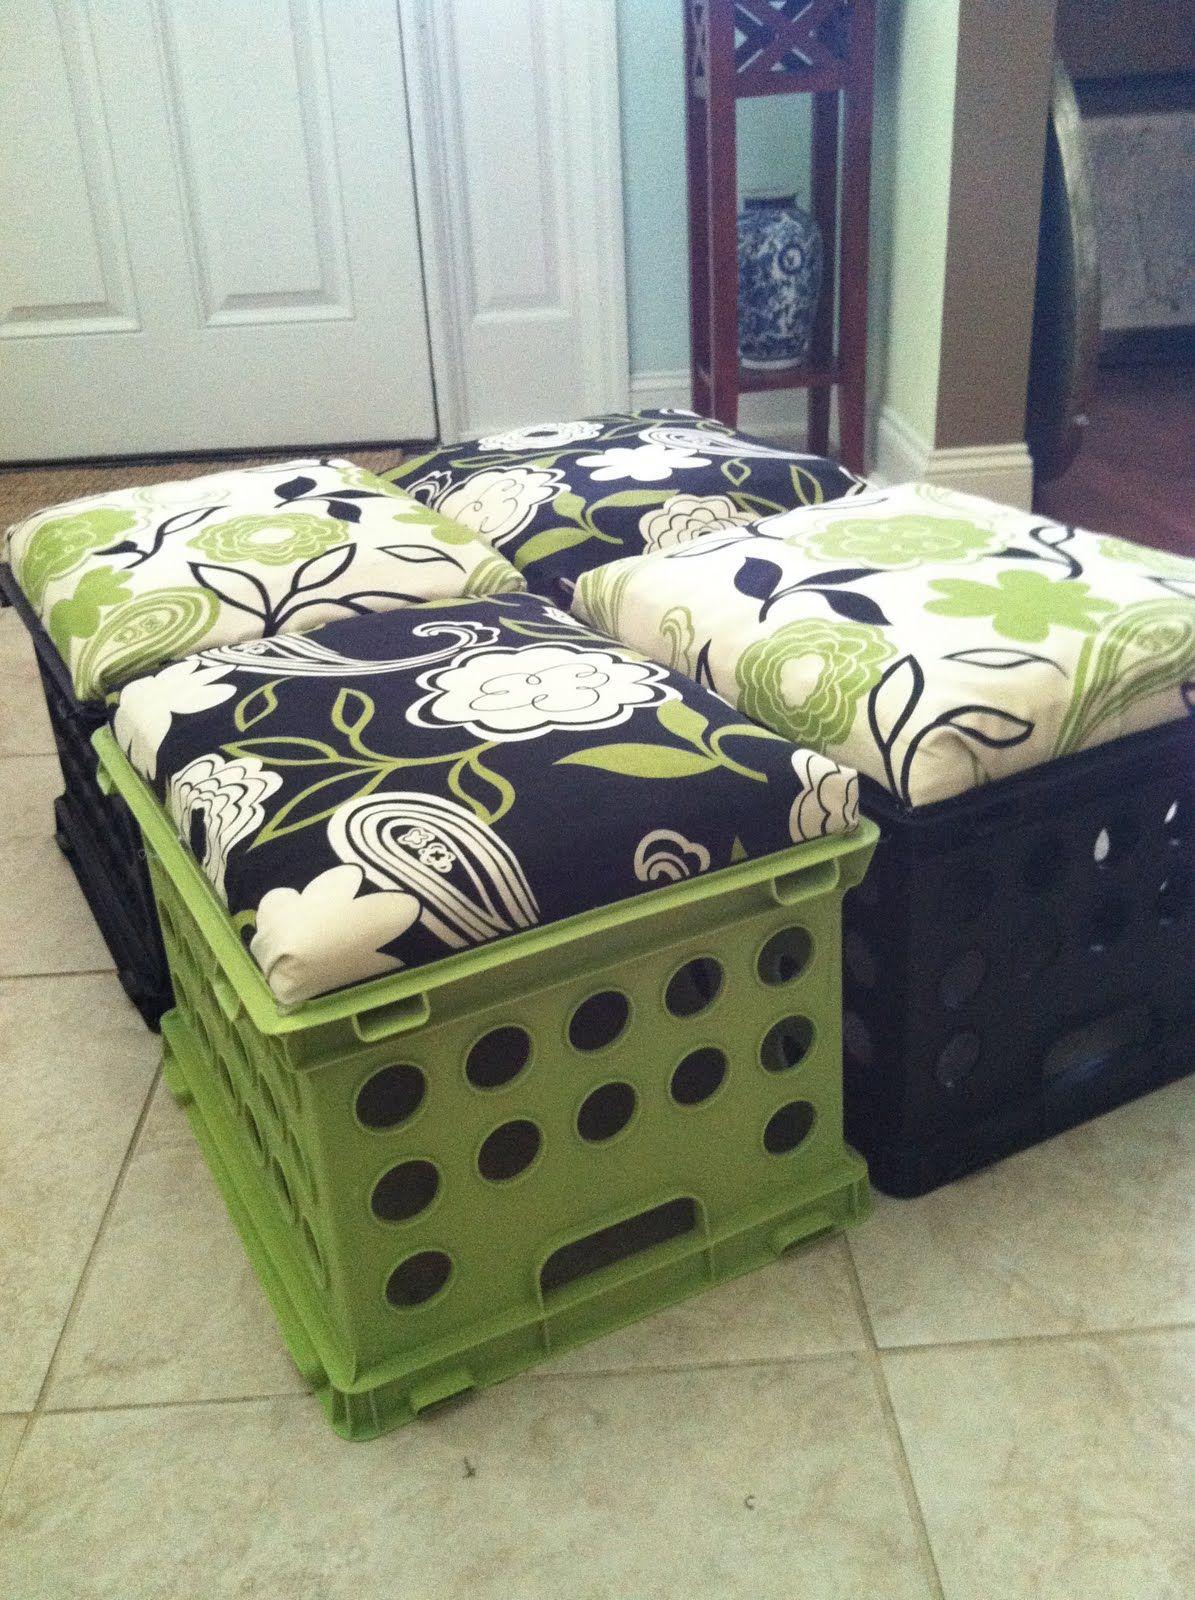 Stupendous 25 Easy Cheap Diy Dorm Decor Ideas Crate Seats Dorm Spiritservingveterans Wood Chair Design Ideas Spiritservingveteransorg